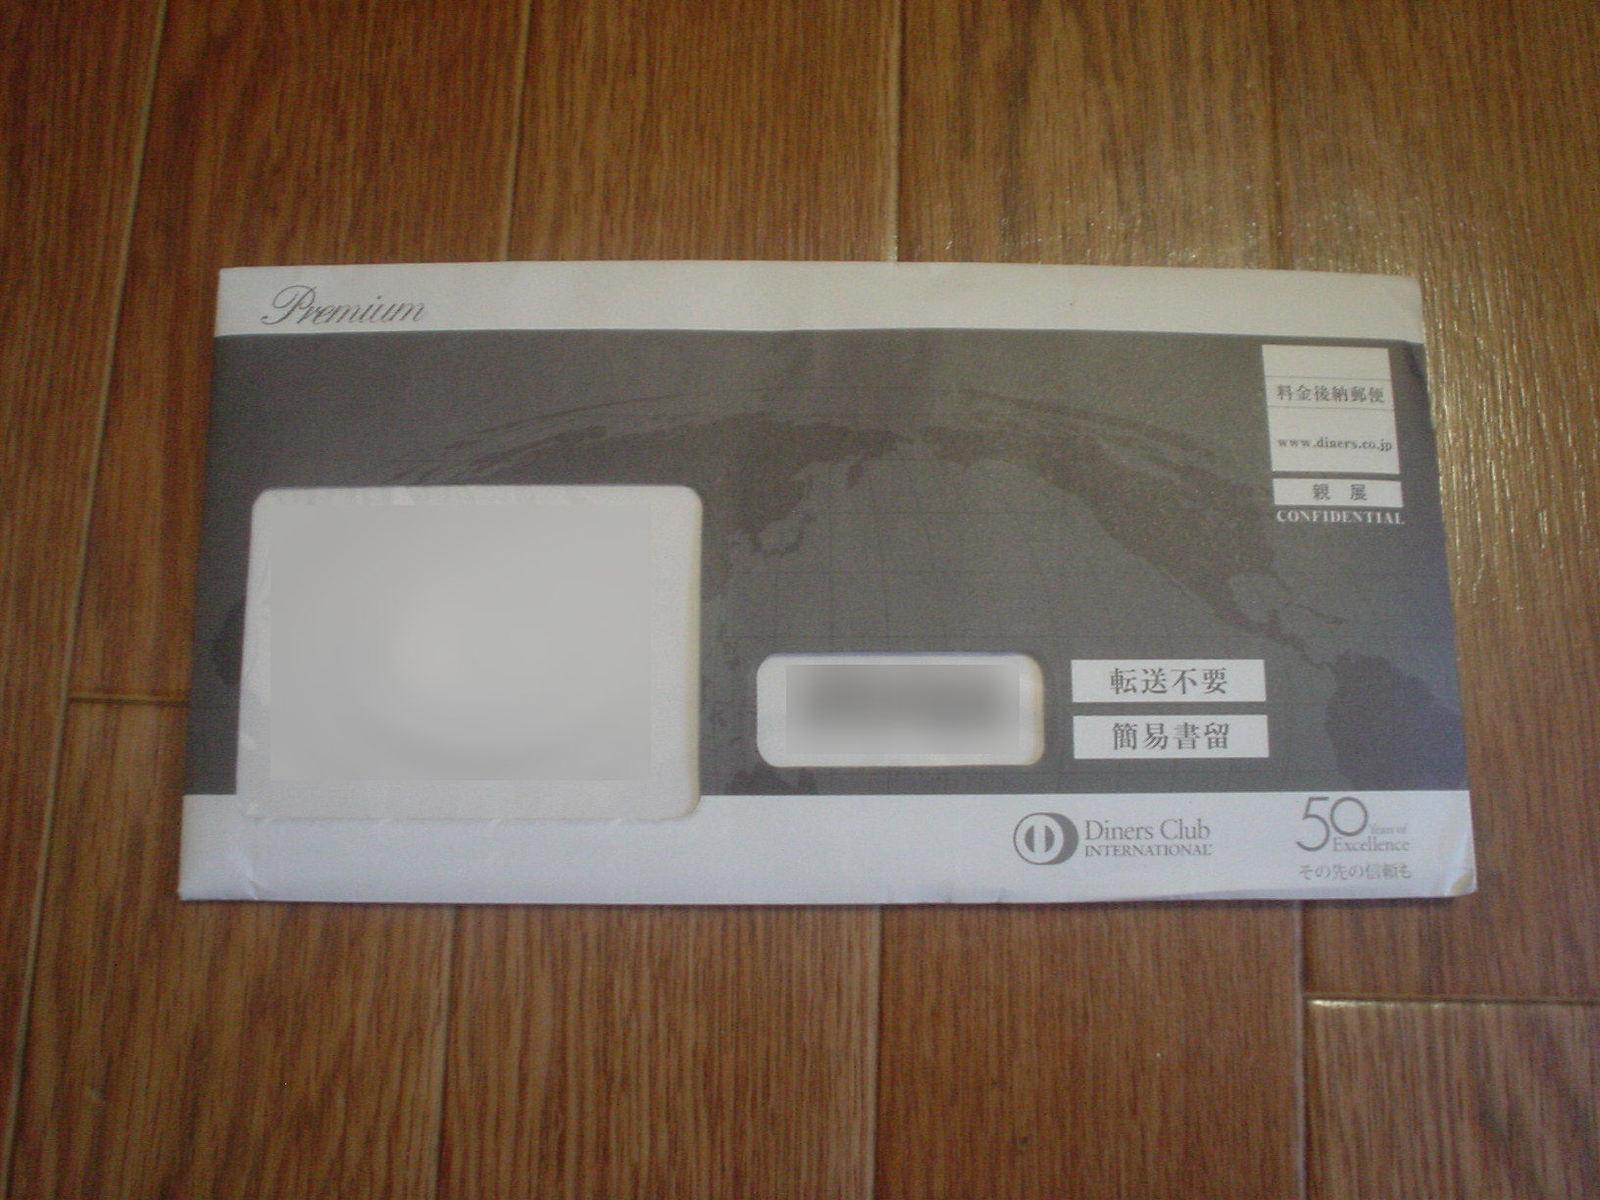 あっさりとした事務的な風体の封筒が届きました